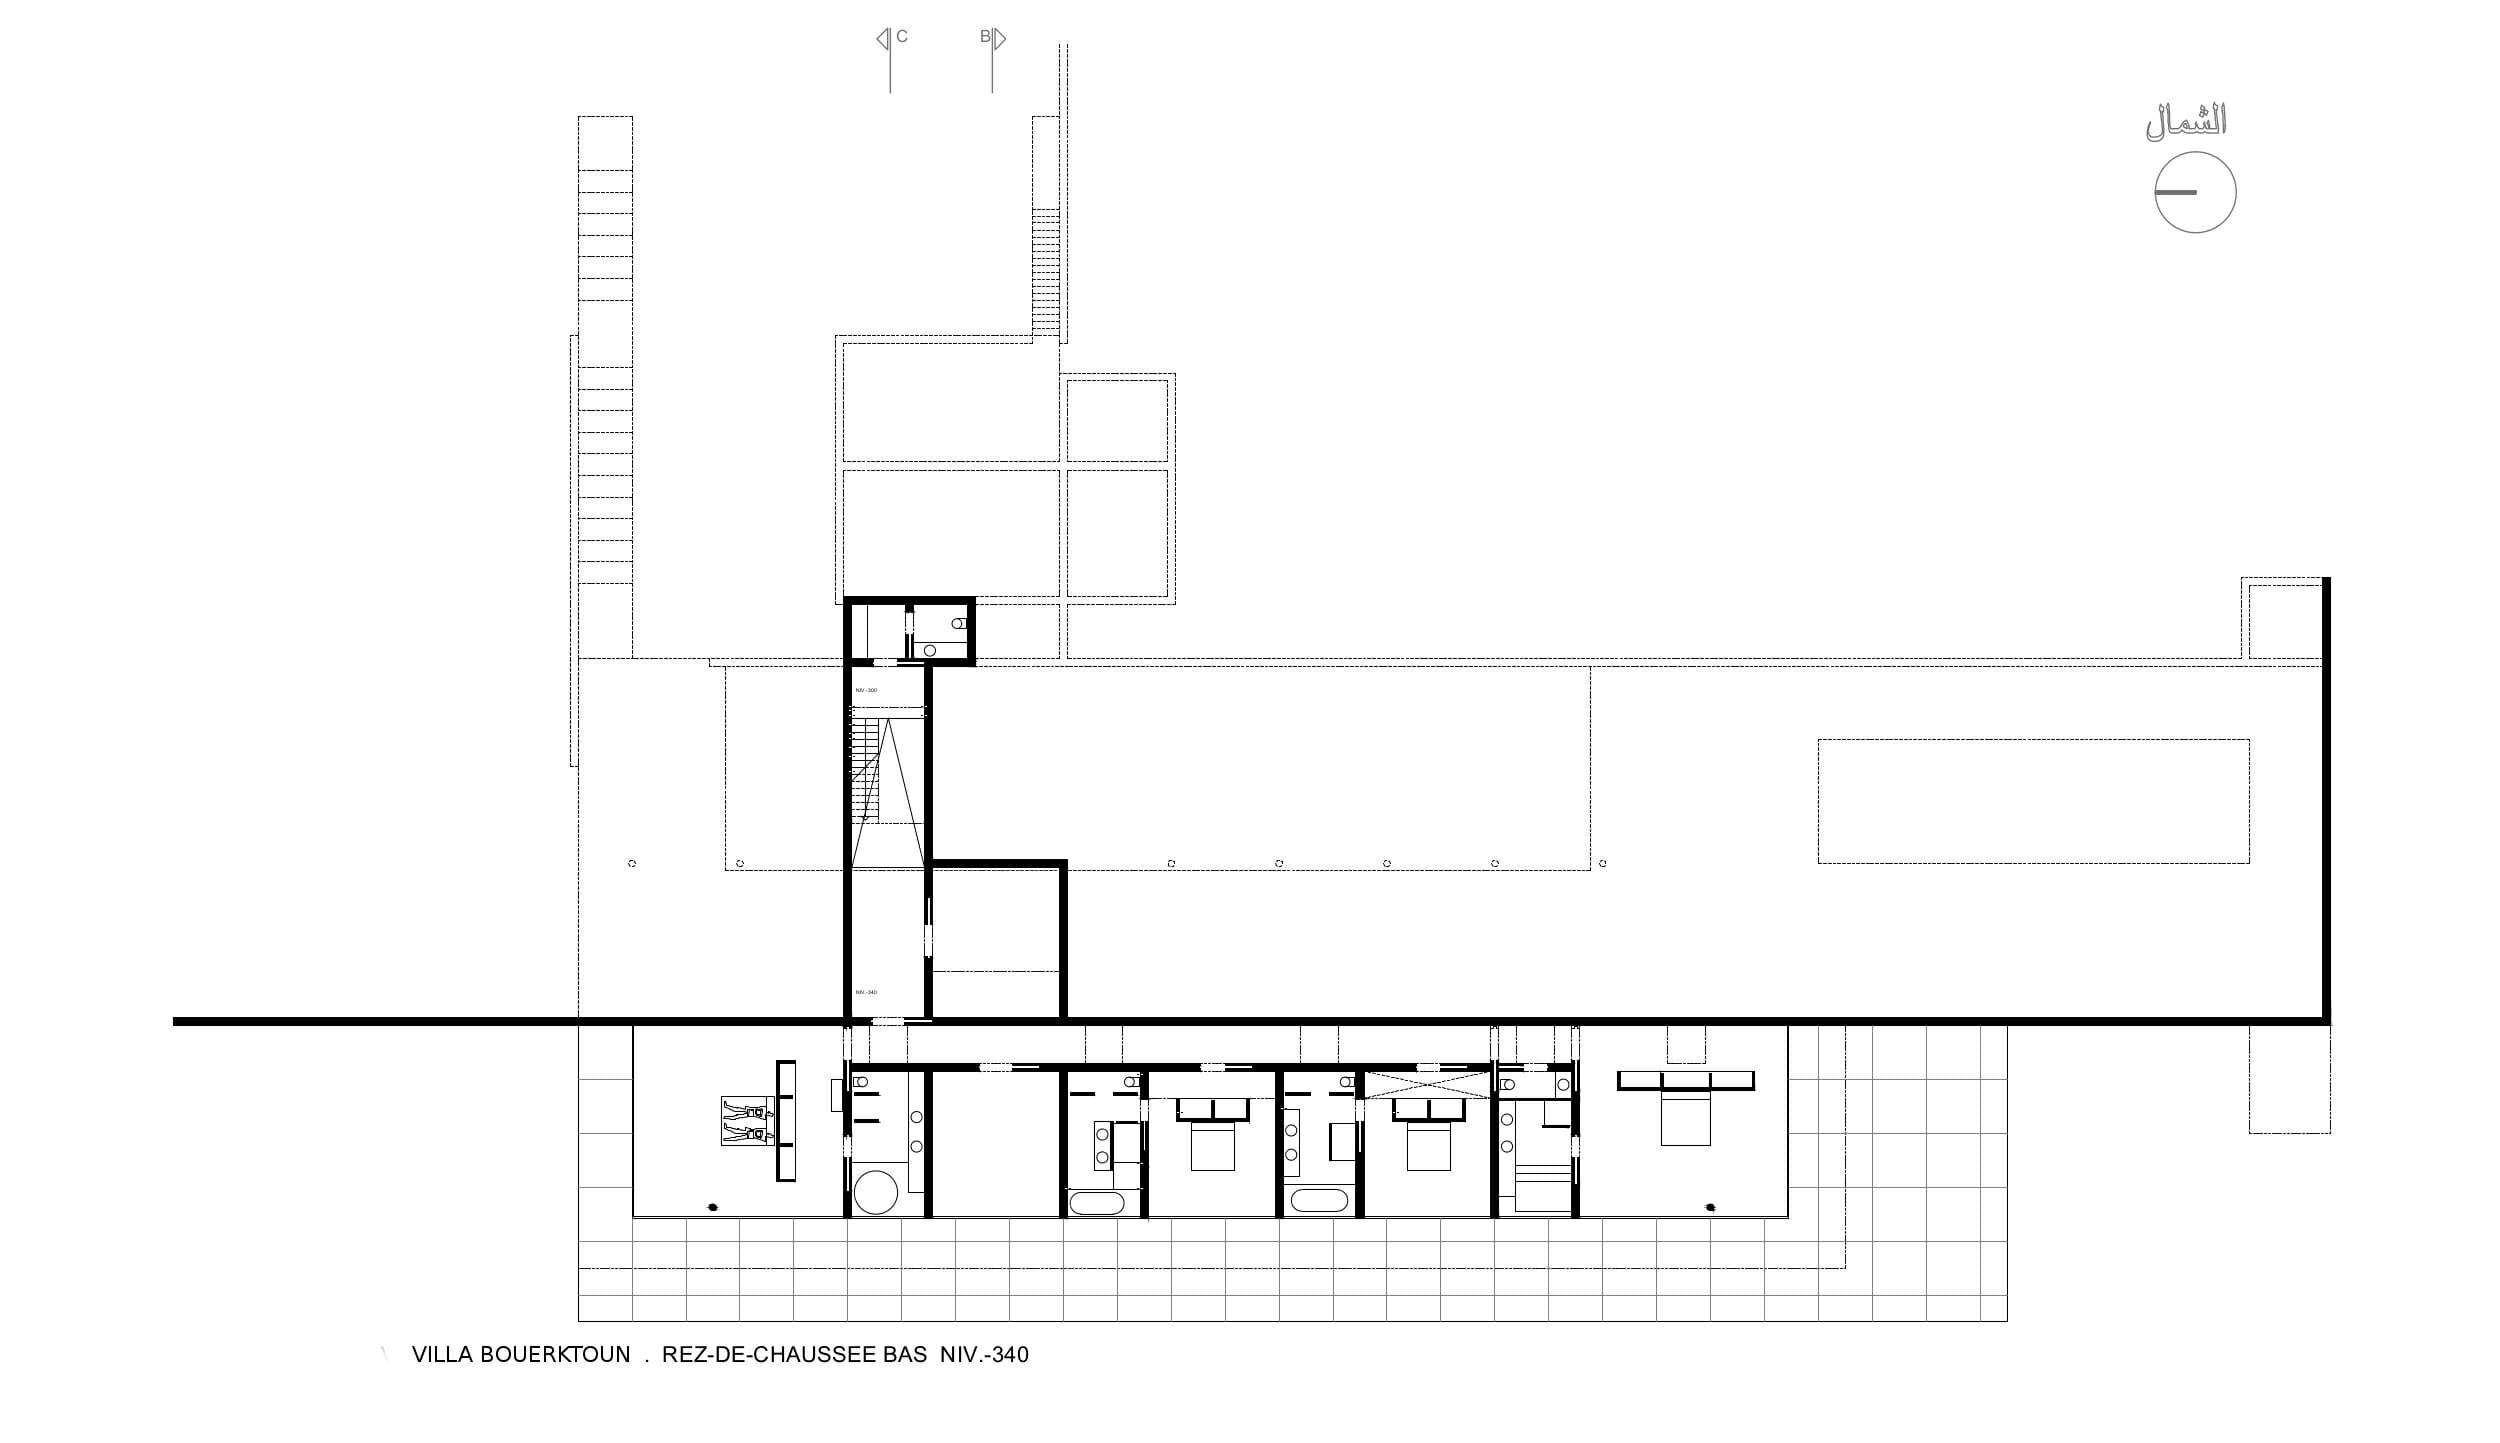 BOUZERKTOUN.plan-02-rdc-bas